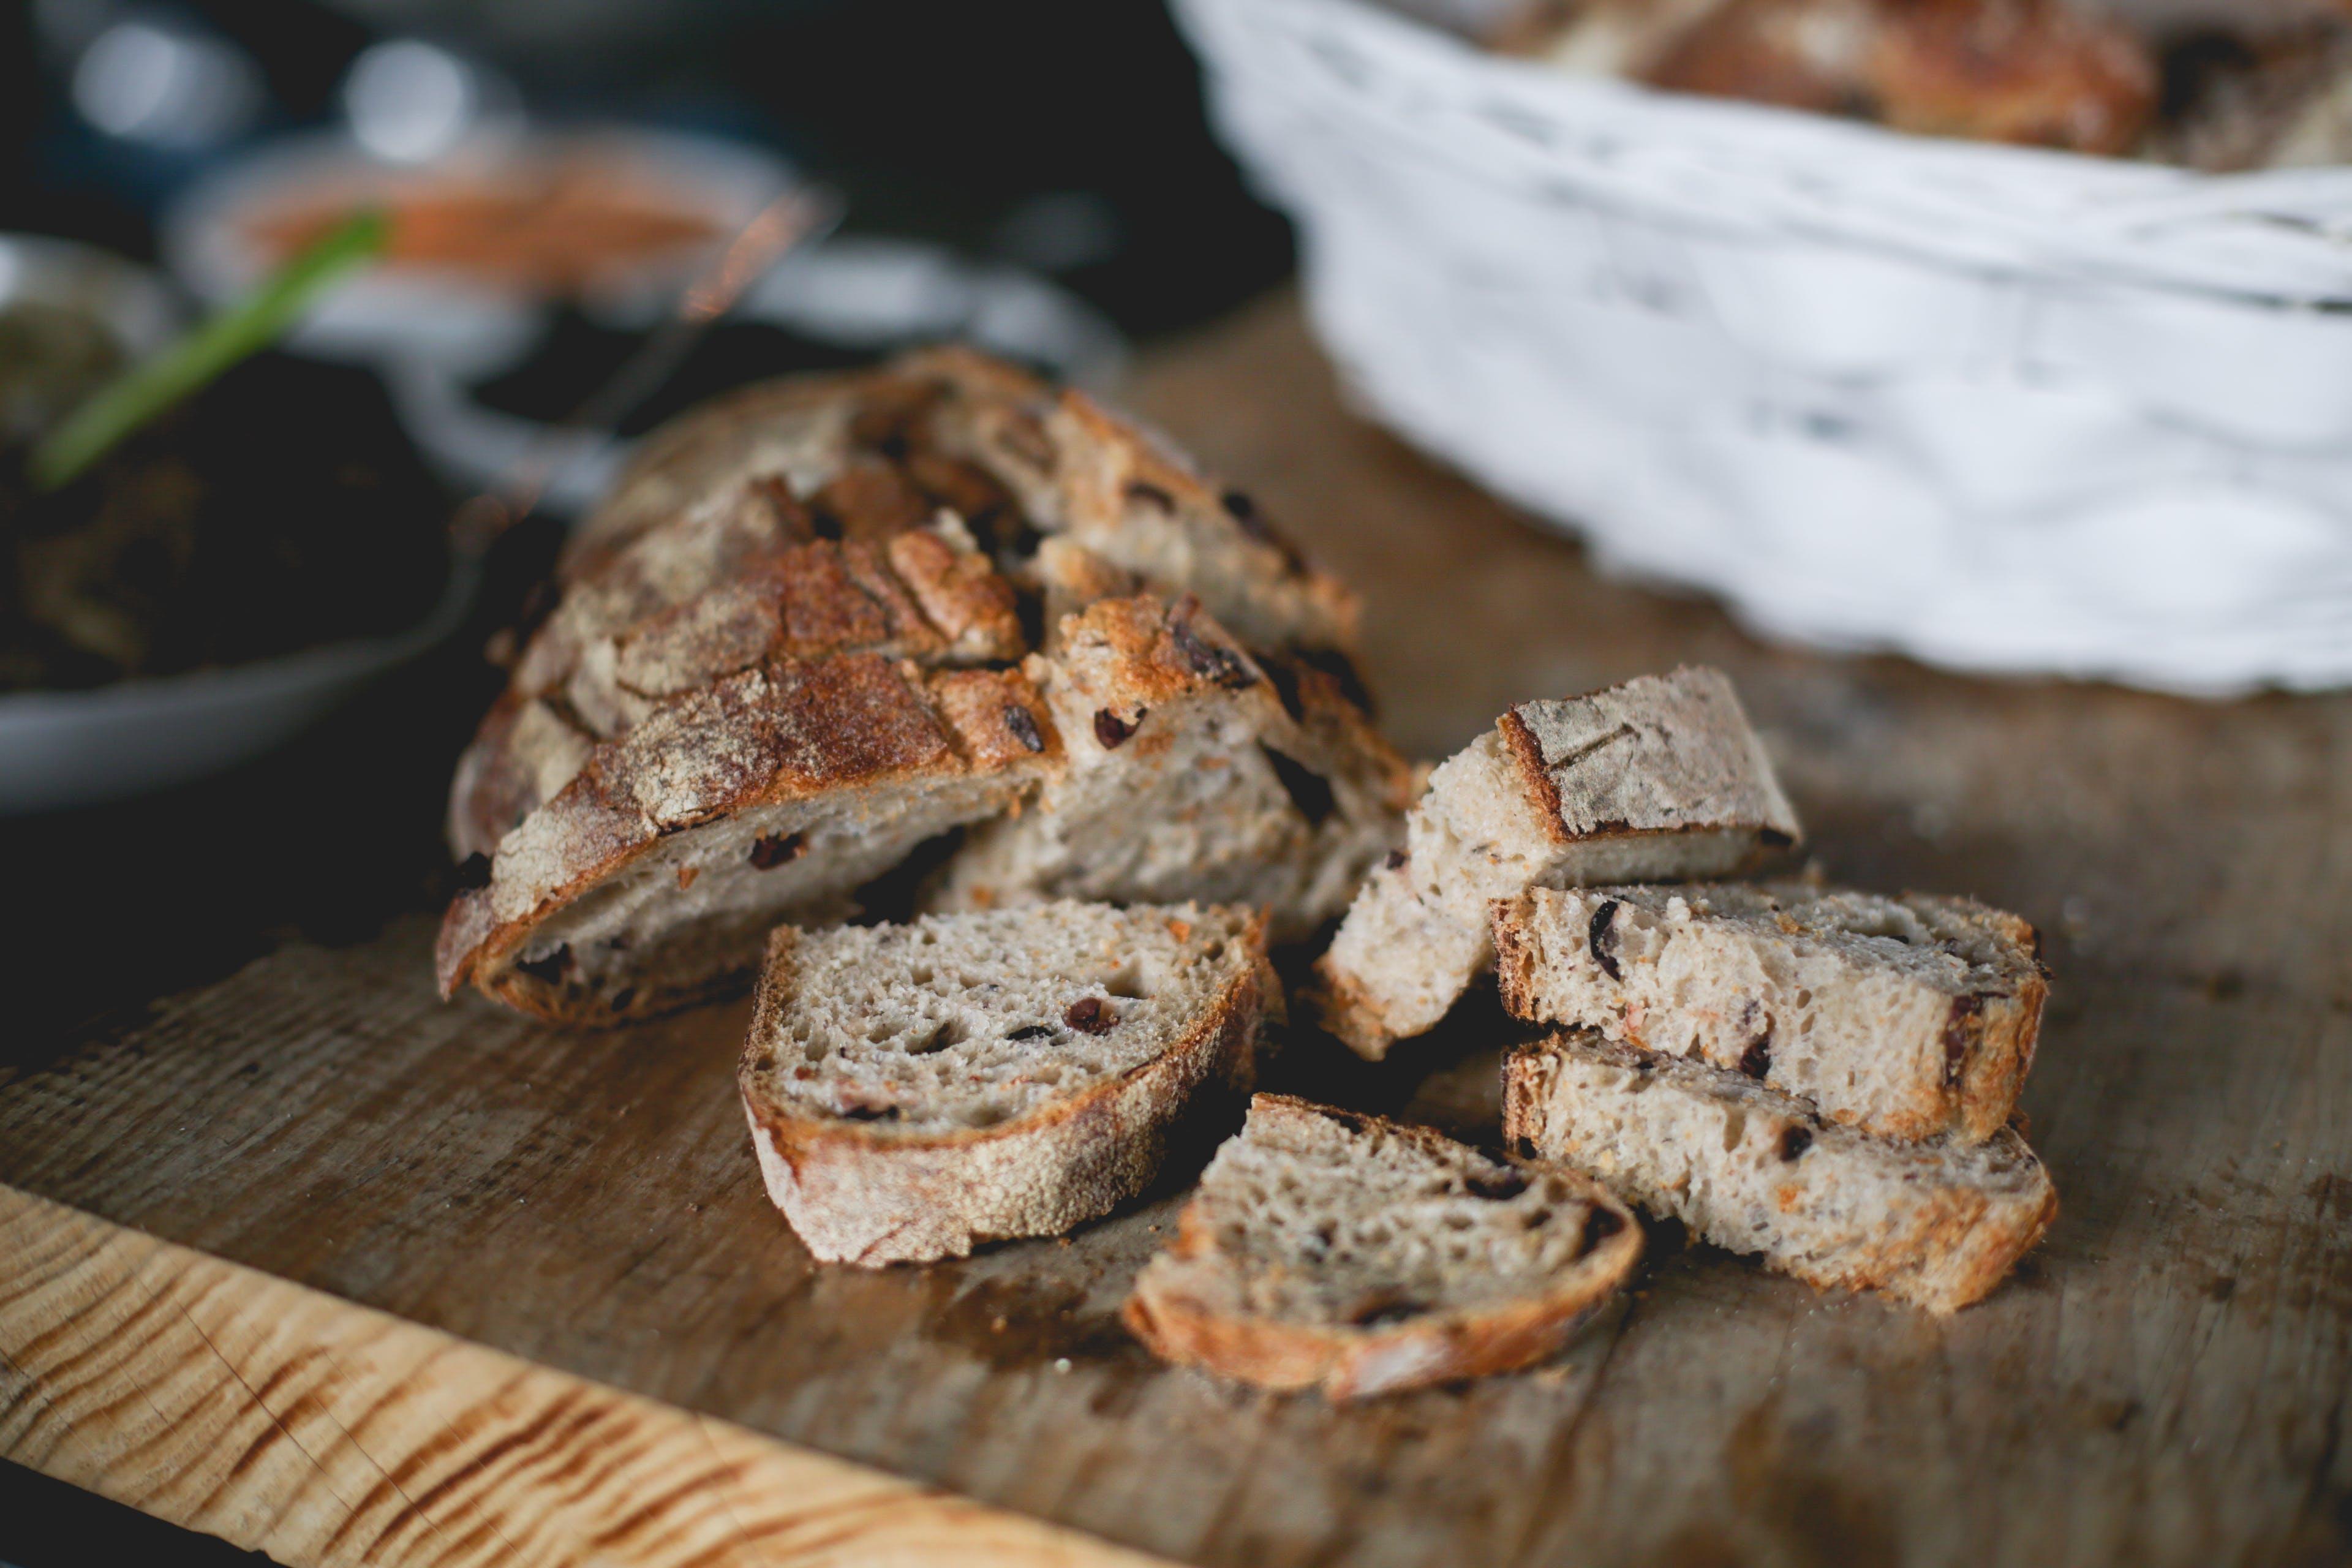 Fotos de stock gratuitas de comida, delicioso, efecto desenfocado, enfoque selectivo